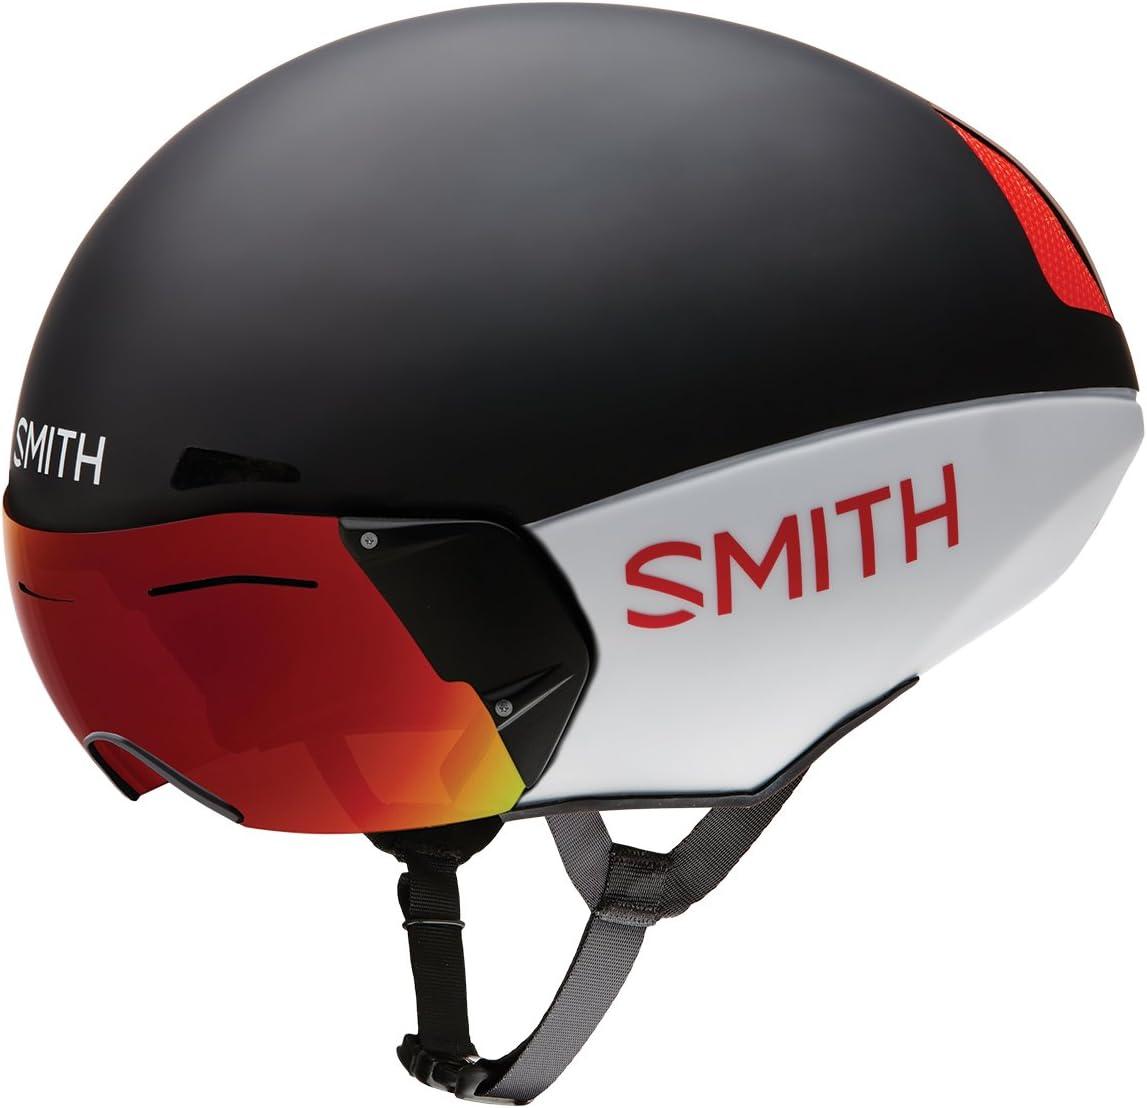 Smith Optics Podium TT Adult BMX Cycling Helmet